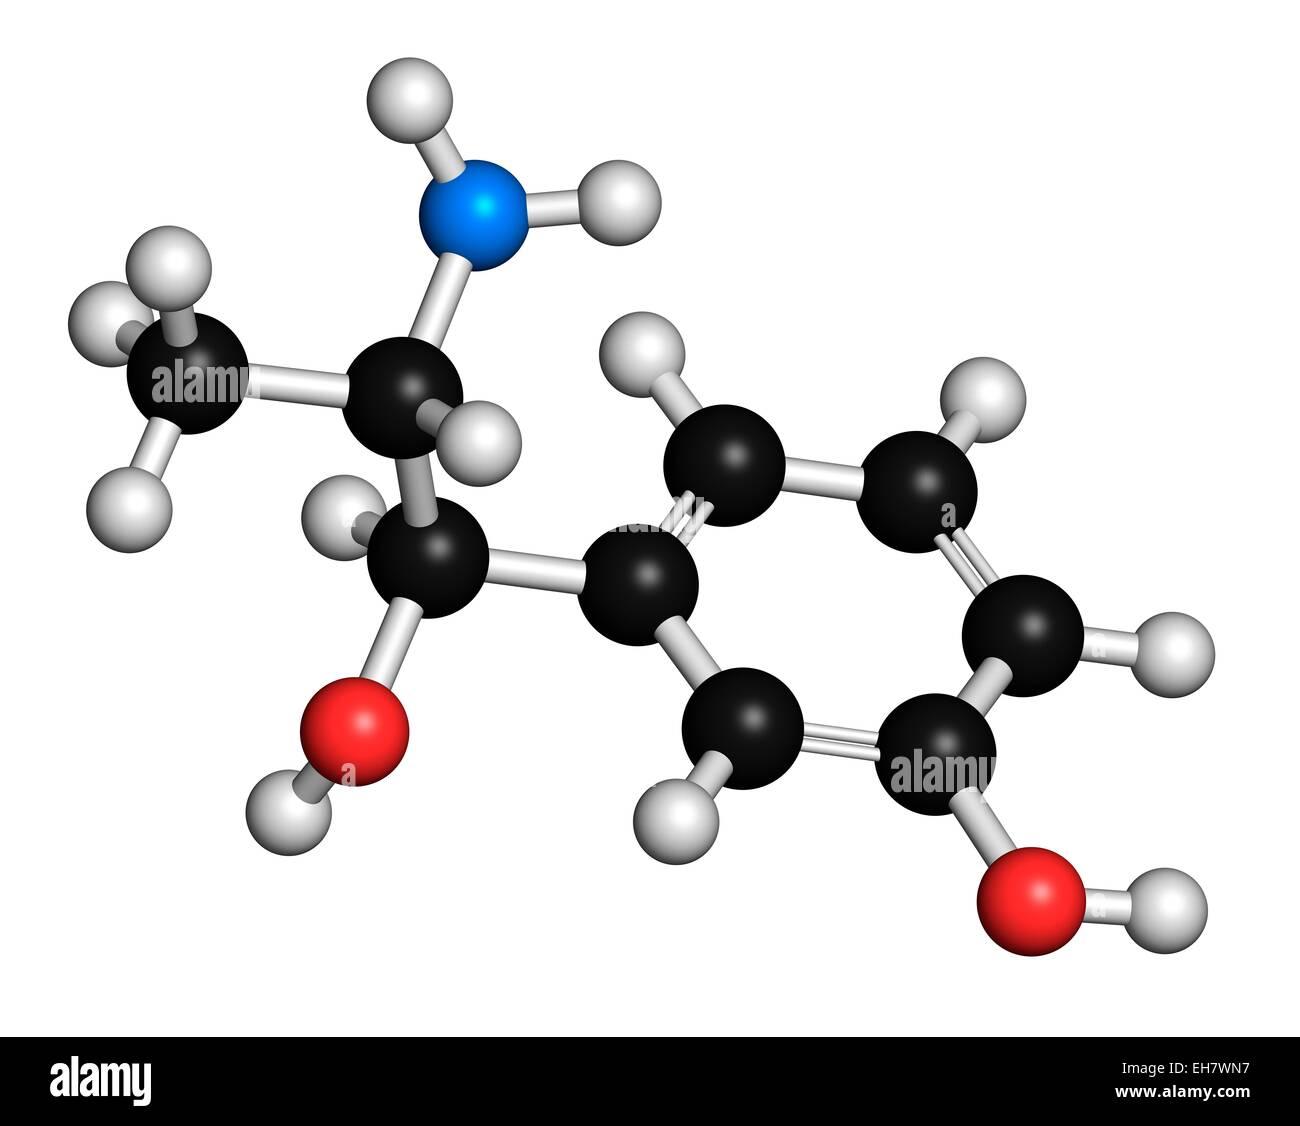 Metaraminol hypotension drug molecule - Stock Image